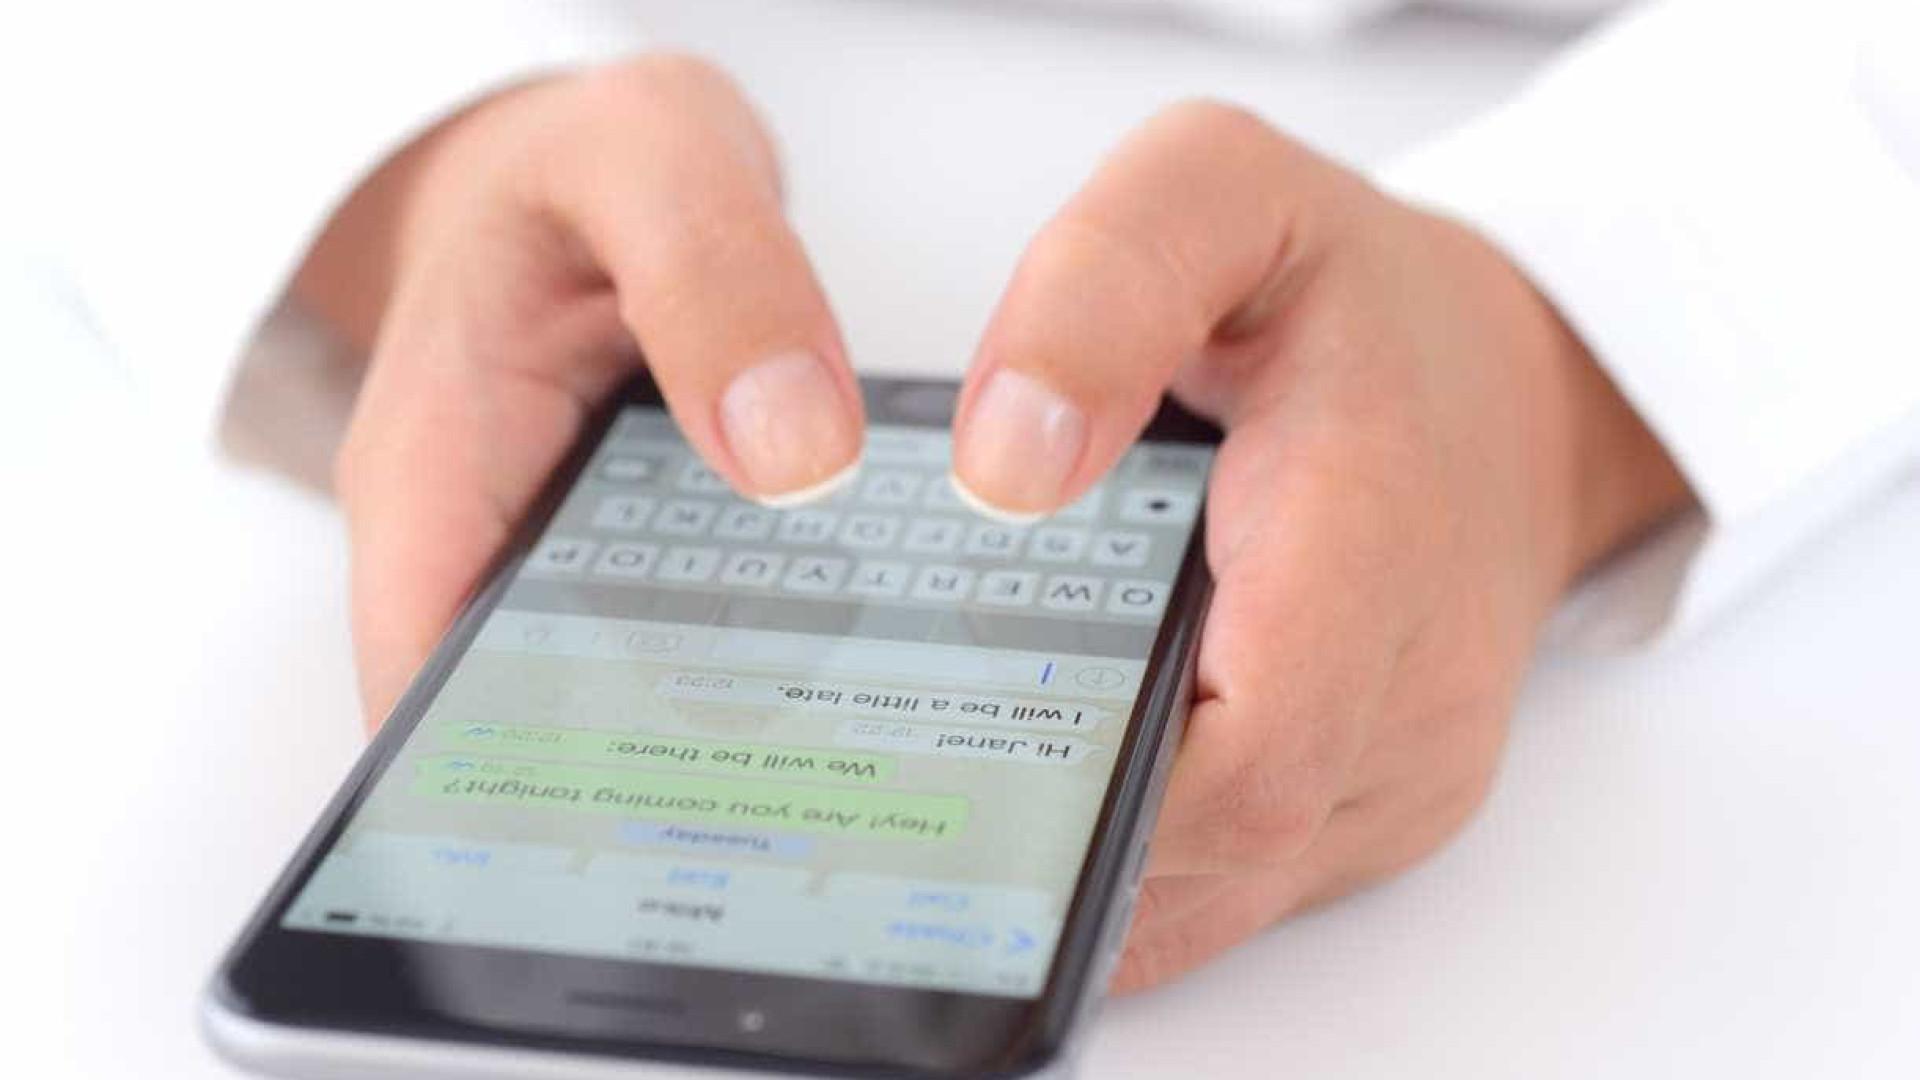 WhatsApp: Mensagens enviadas por engano deixarão de ser motivo de pânico